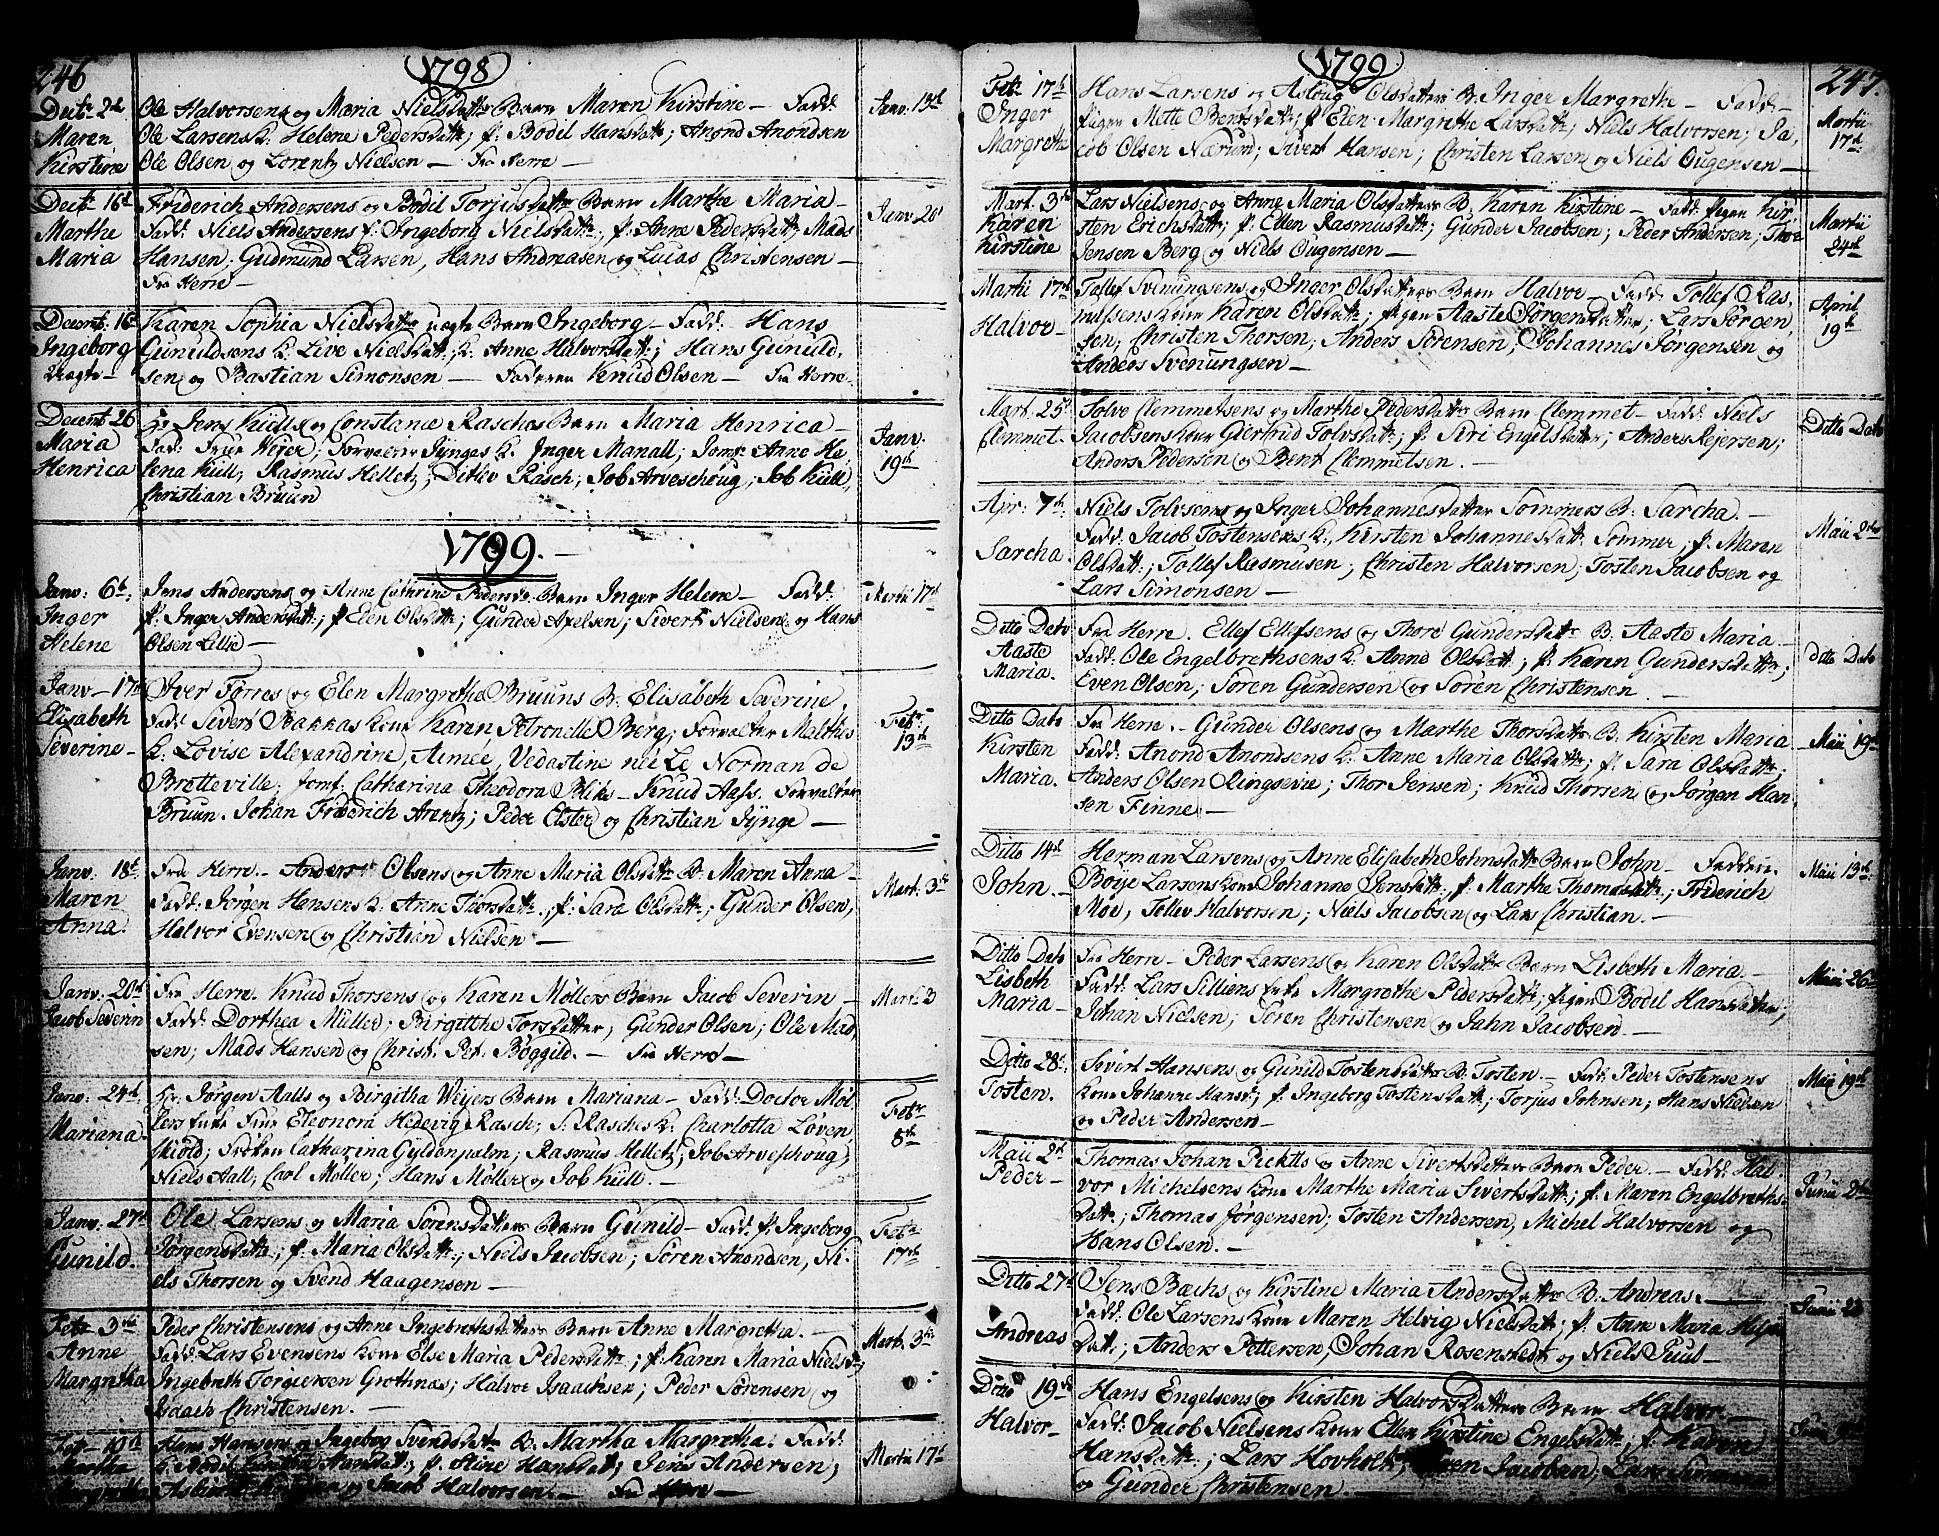 SAKO, Porsgrunn kirkebøker , F/Fa/L0002: Ministerialbok nr. 2, 1764-1814, s. 246-247